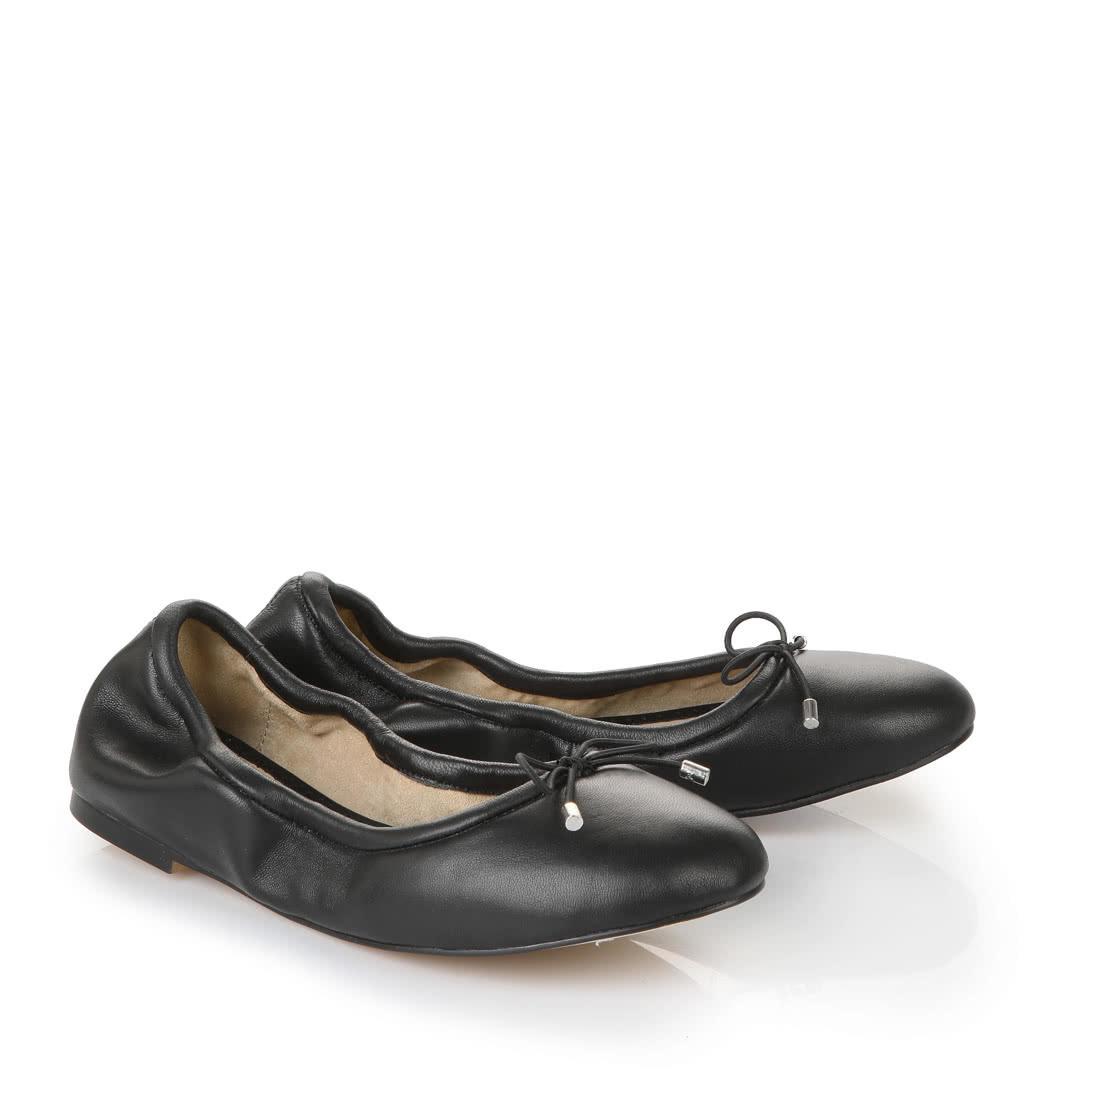 c3e41a845 Buffalo ballerina pumps in black buy online in BUFFALO Online-Shop ...